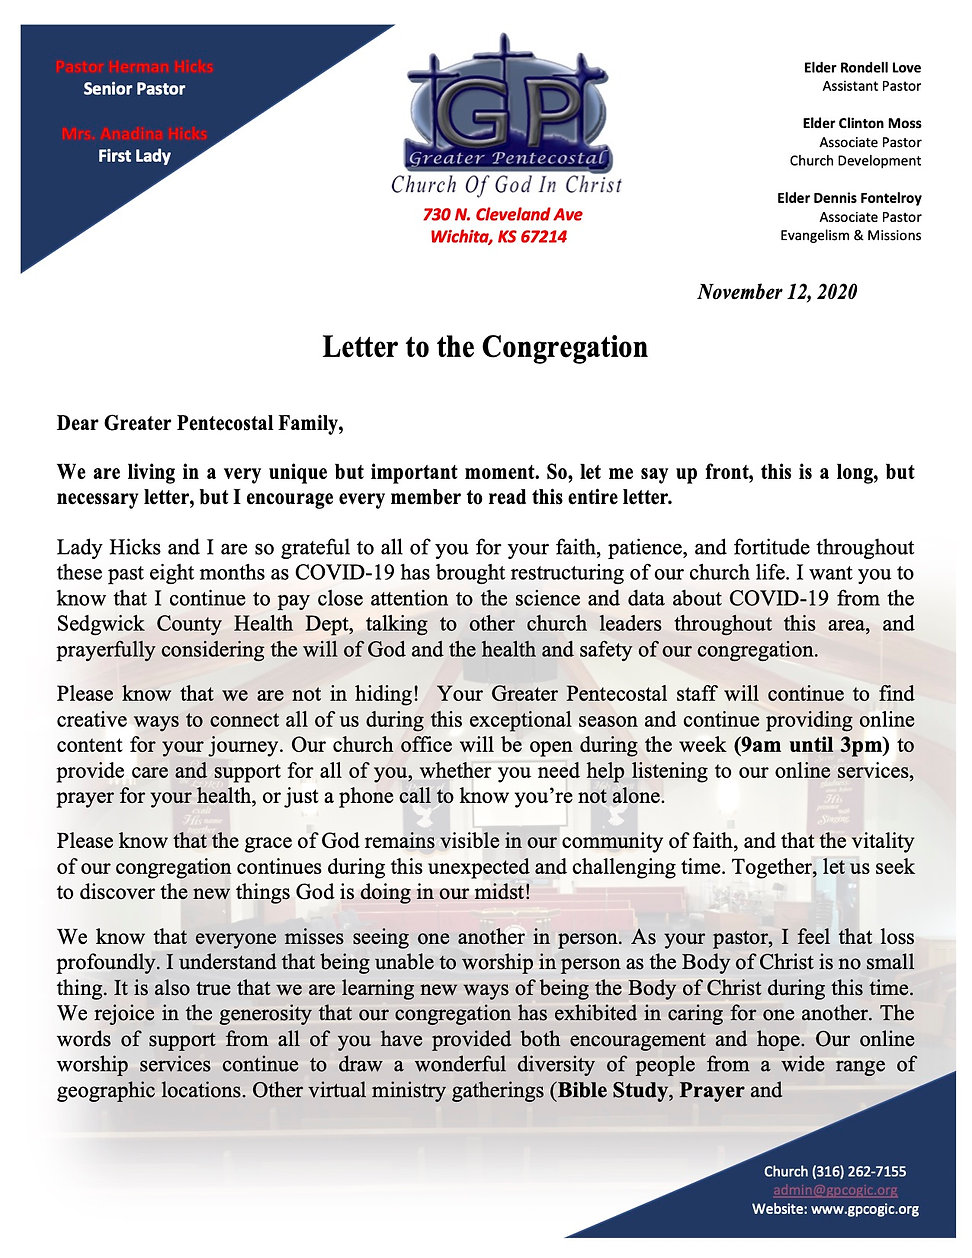 Nov 2020 Ltr to GP Congregation.jpg